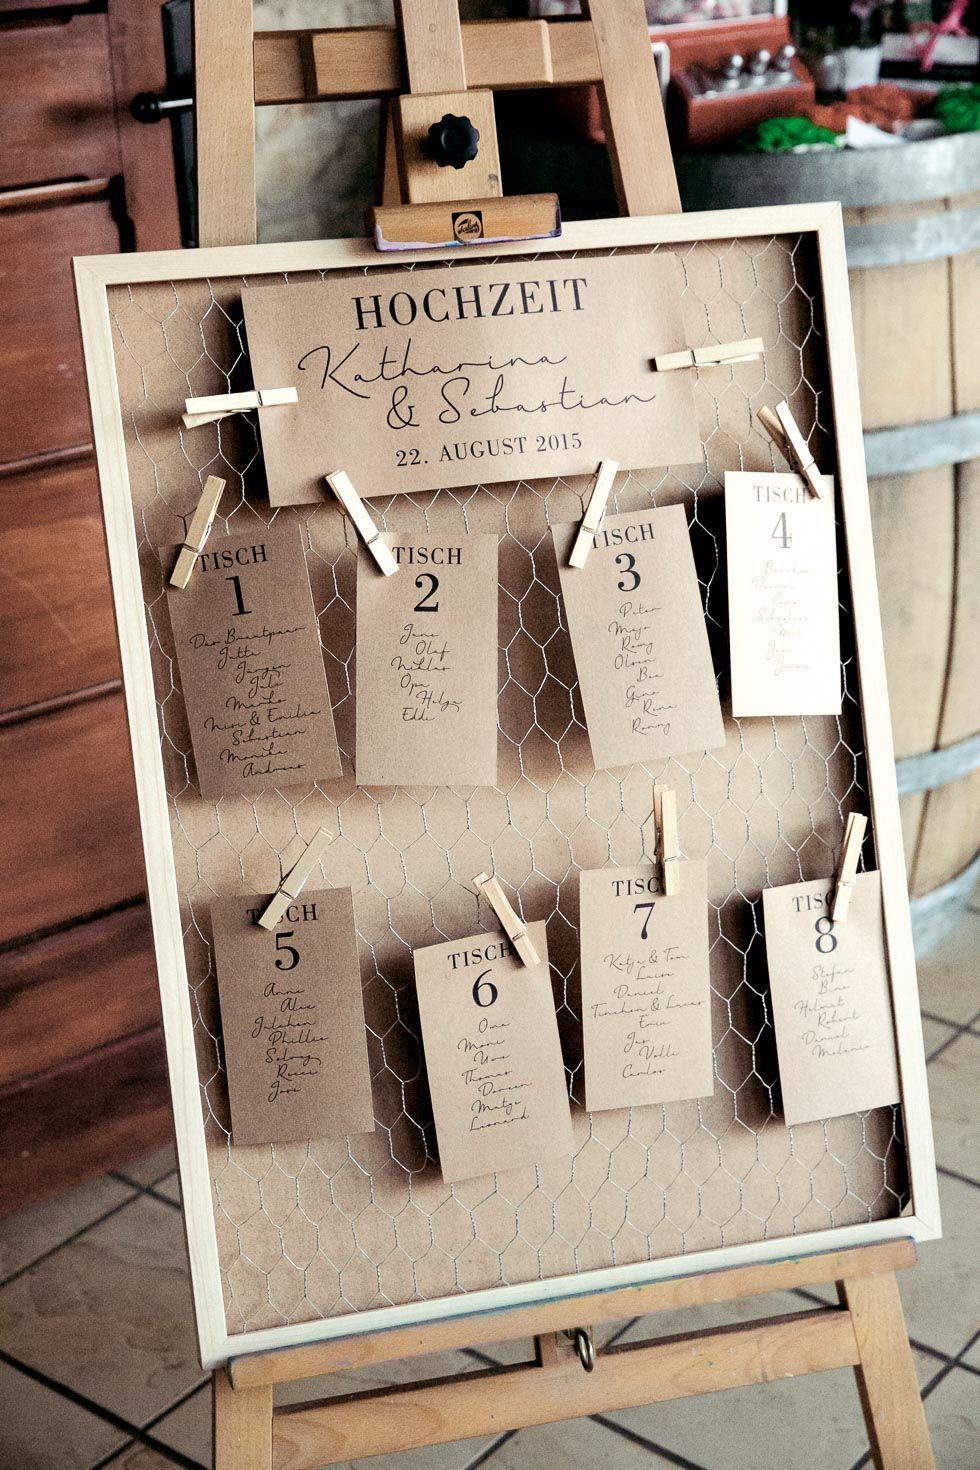 Sitzplan Hochzeit Ideen 39 Kreative Beispiele Inspirationen Sitzplan Hochzeit Sitzplan Hochzeit Ideen Ideen Fur Die Hochzeit